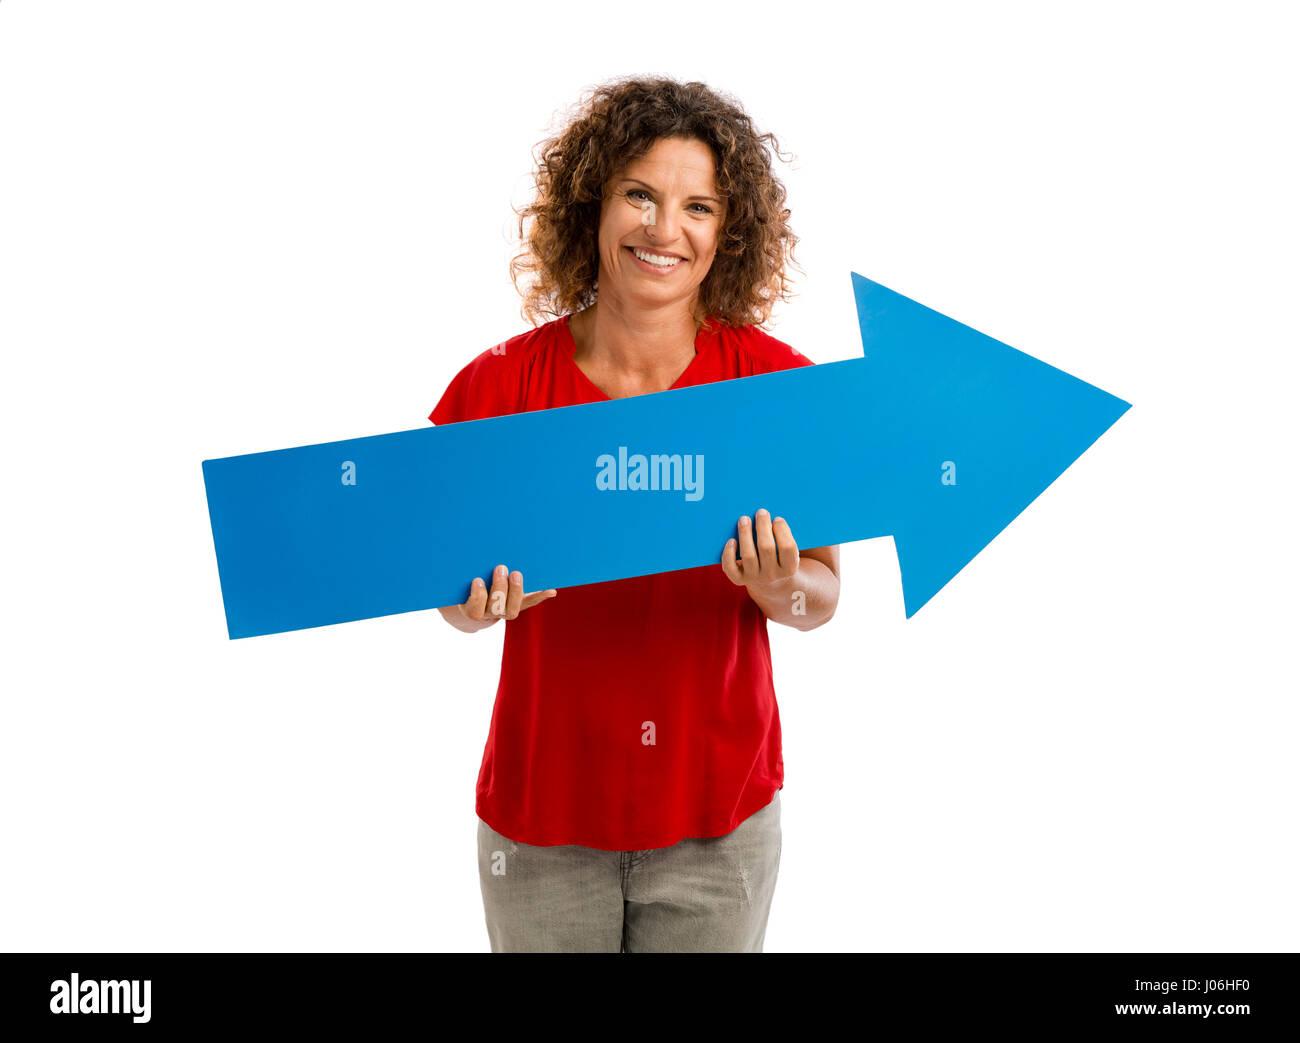 Feliz mujer madura sosteniendo una flecha azul Imagen De Stock